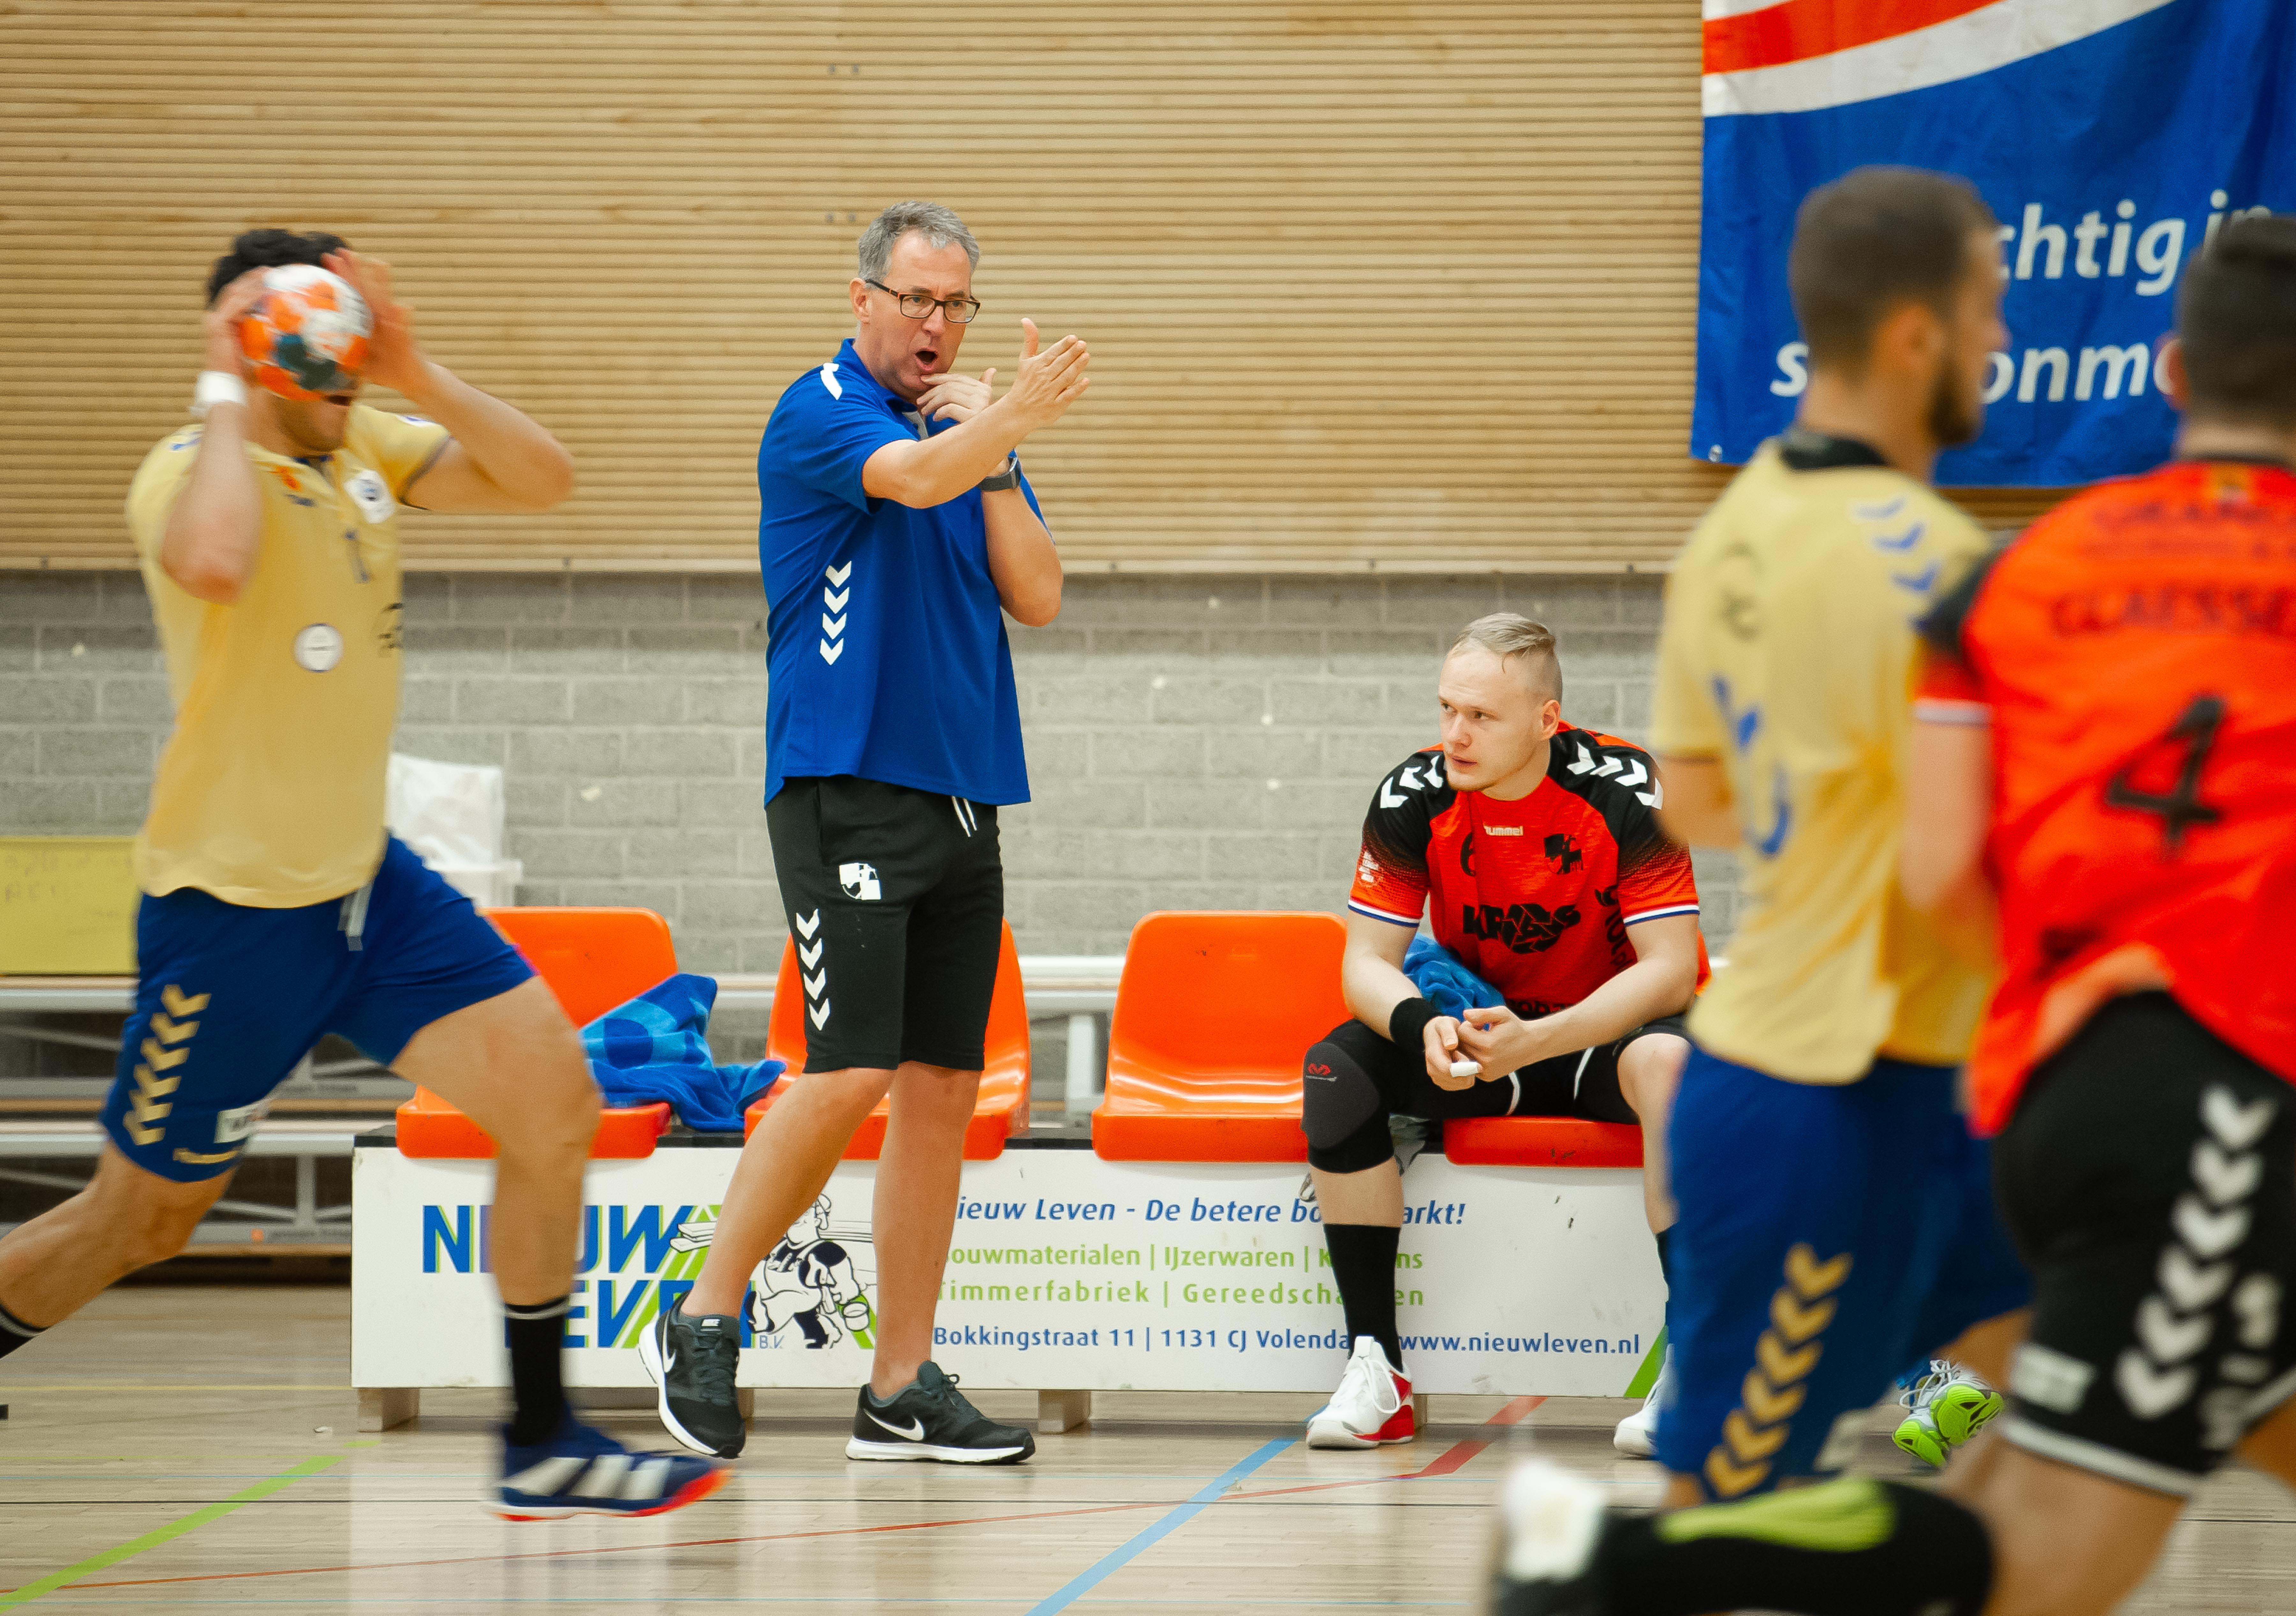 Hans van Dijk per direct weg als trainer eredivisionist HV Volendam: 'De melding dat de groep geen vertrouwen meer heeft in mijn aanpak kwam hard binnen'